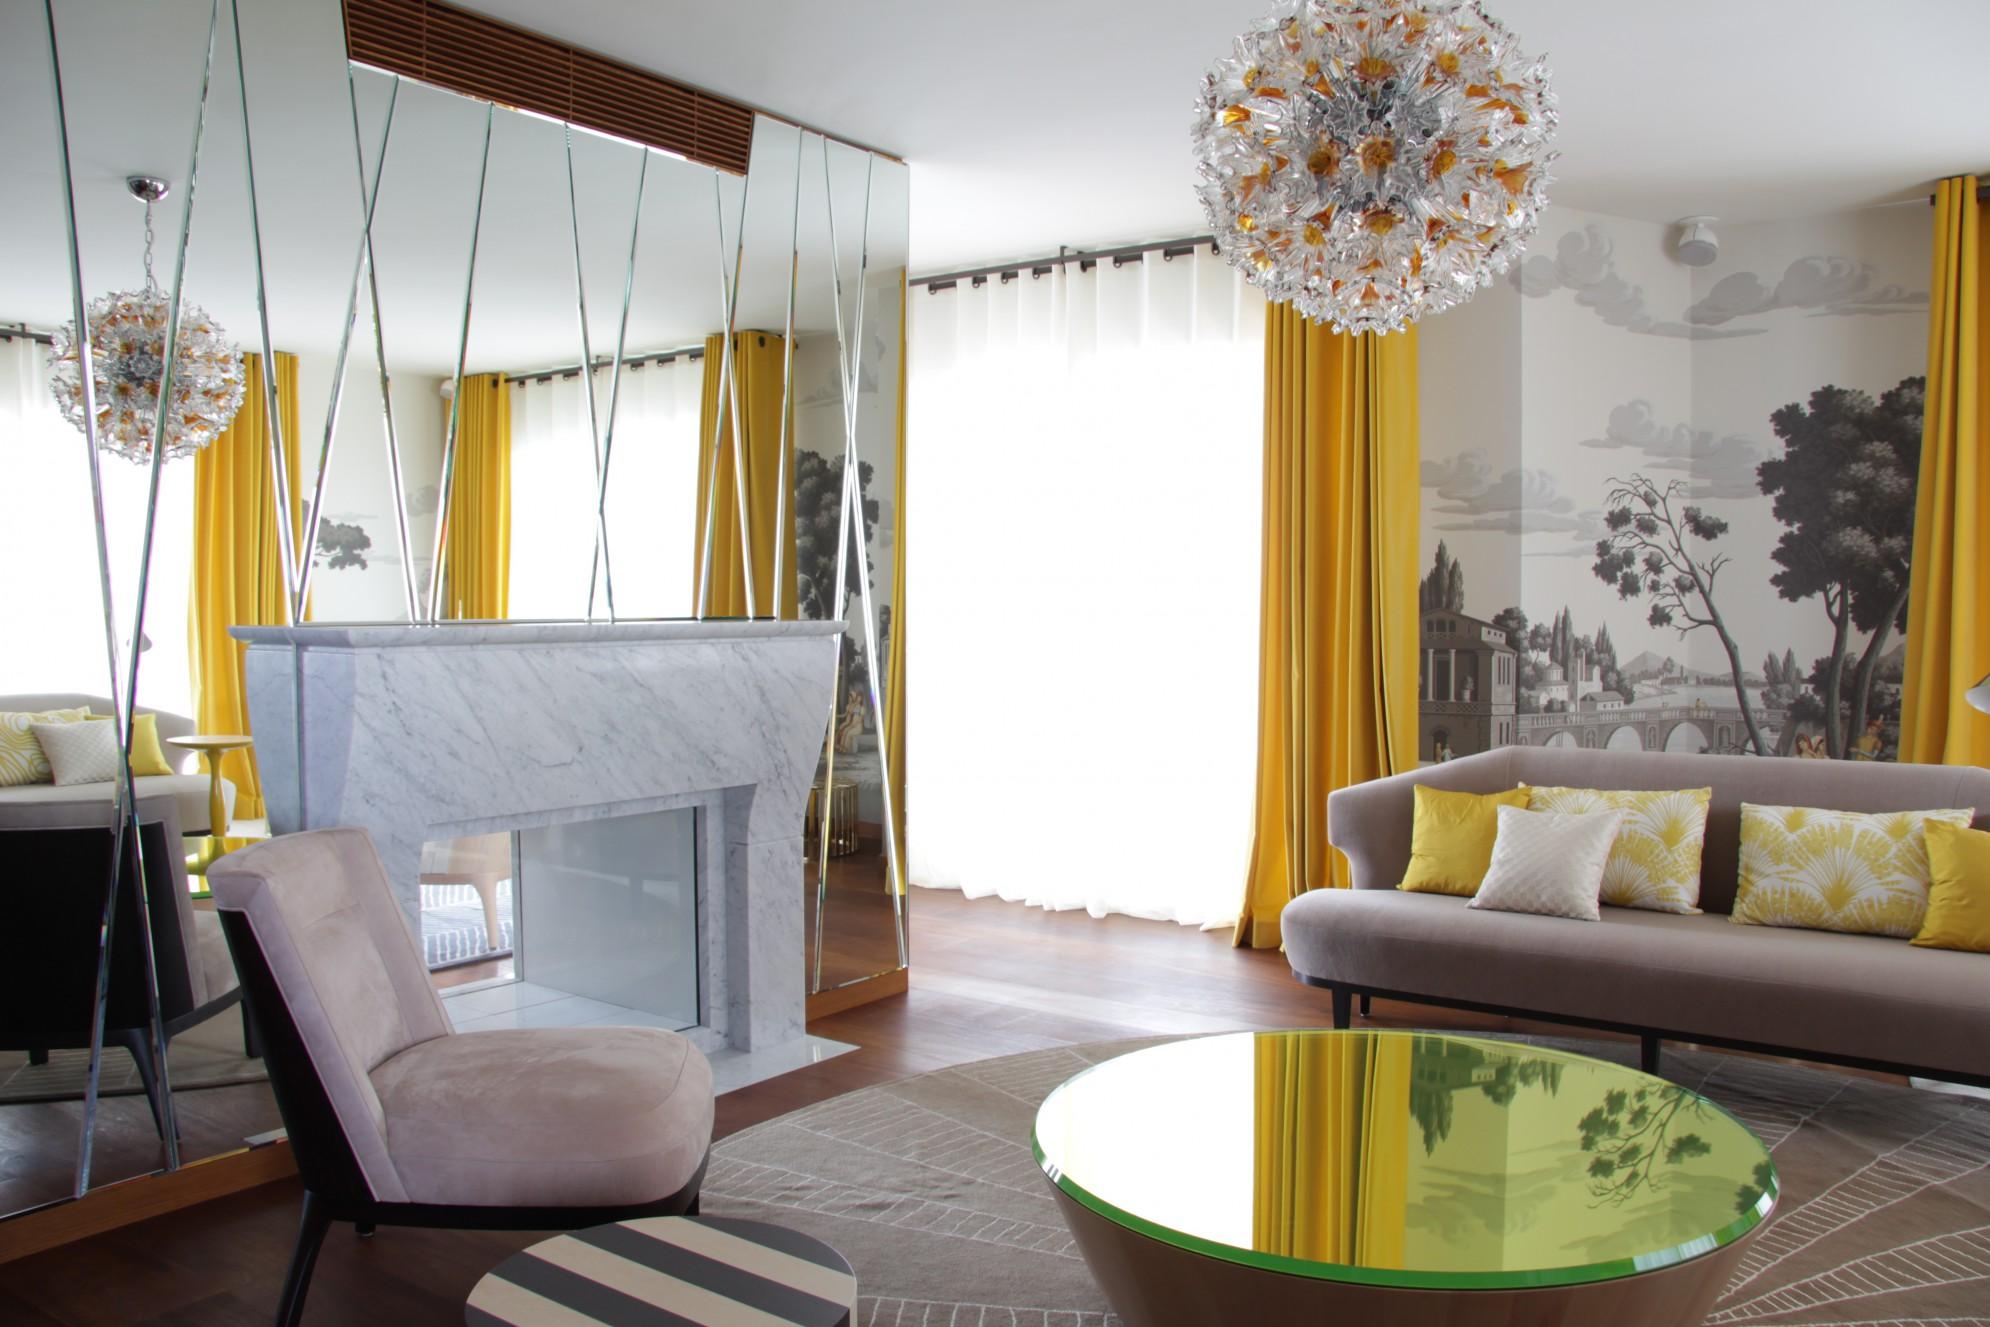 Casa privata con realizzazioni in soggiorno in marmo della Valmalenco